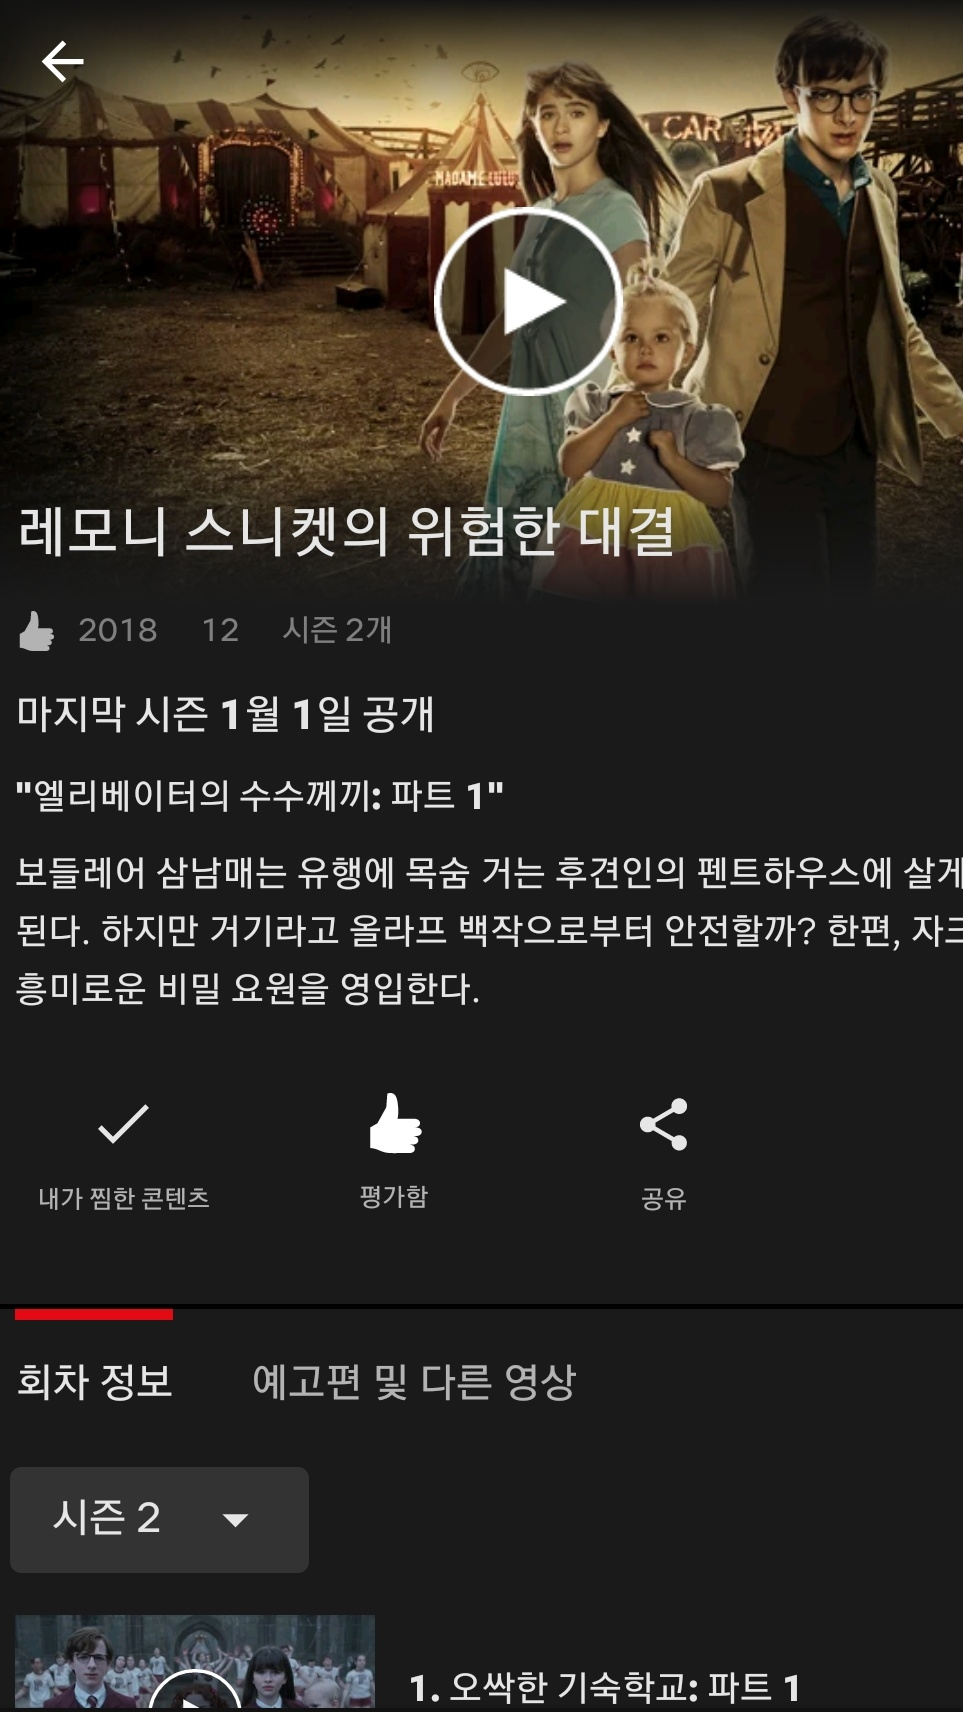 레모니 스니켓의 위험한 대결 시즌3 방영일 확정!